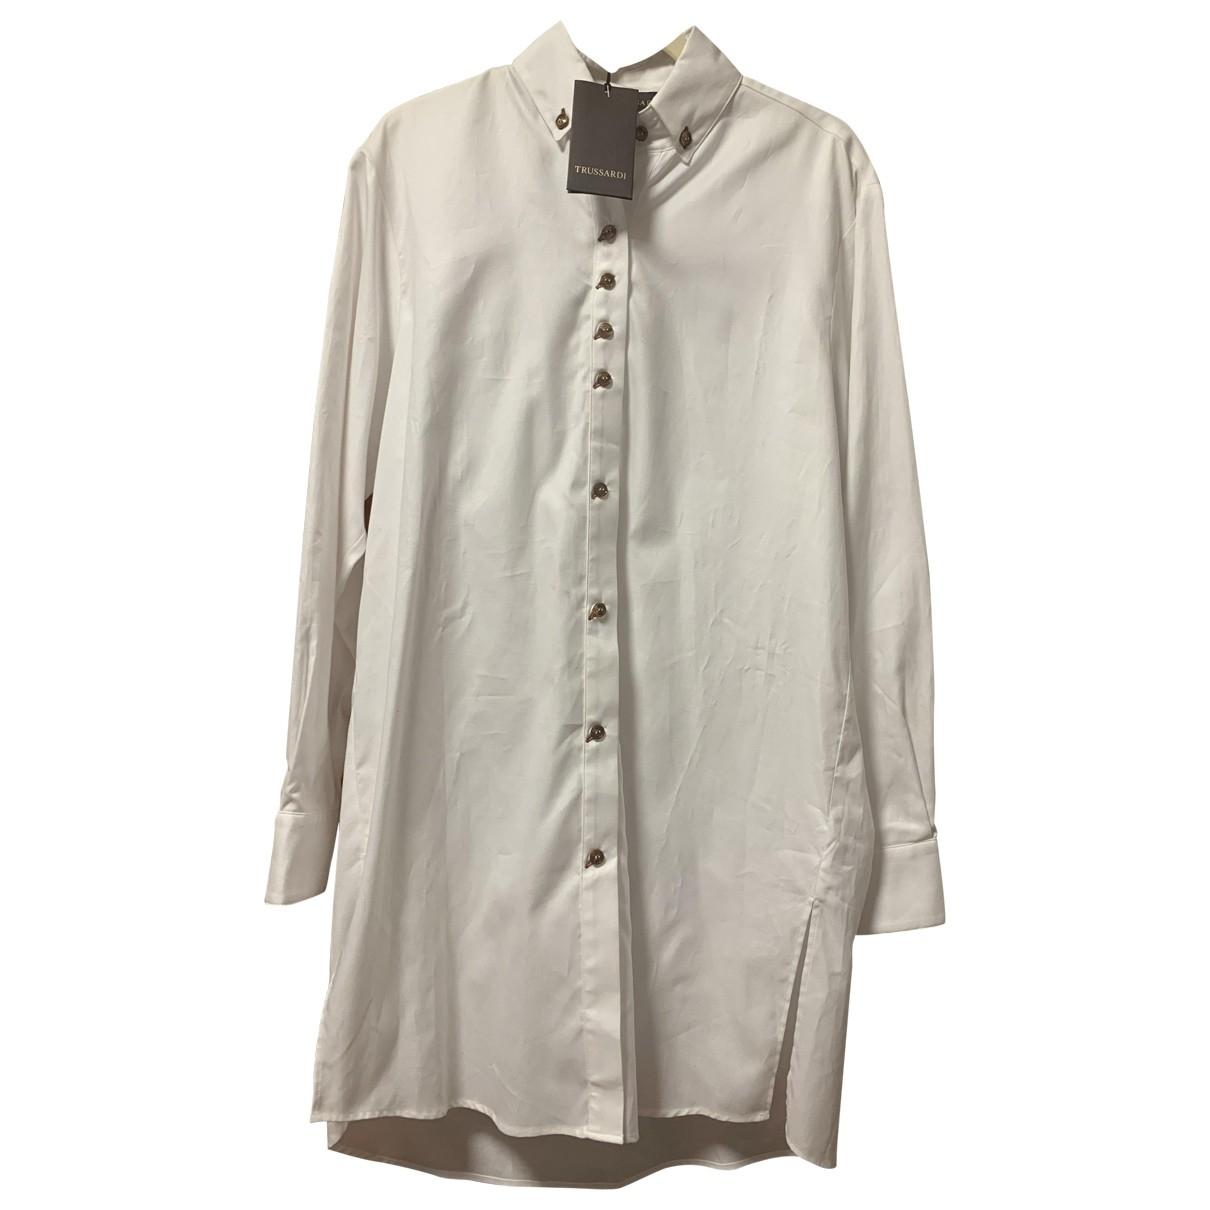 Trussardi - Top   pour femme en coton - blanc